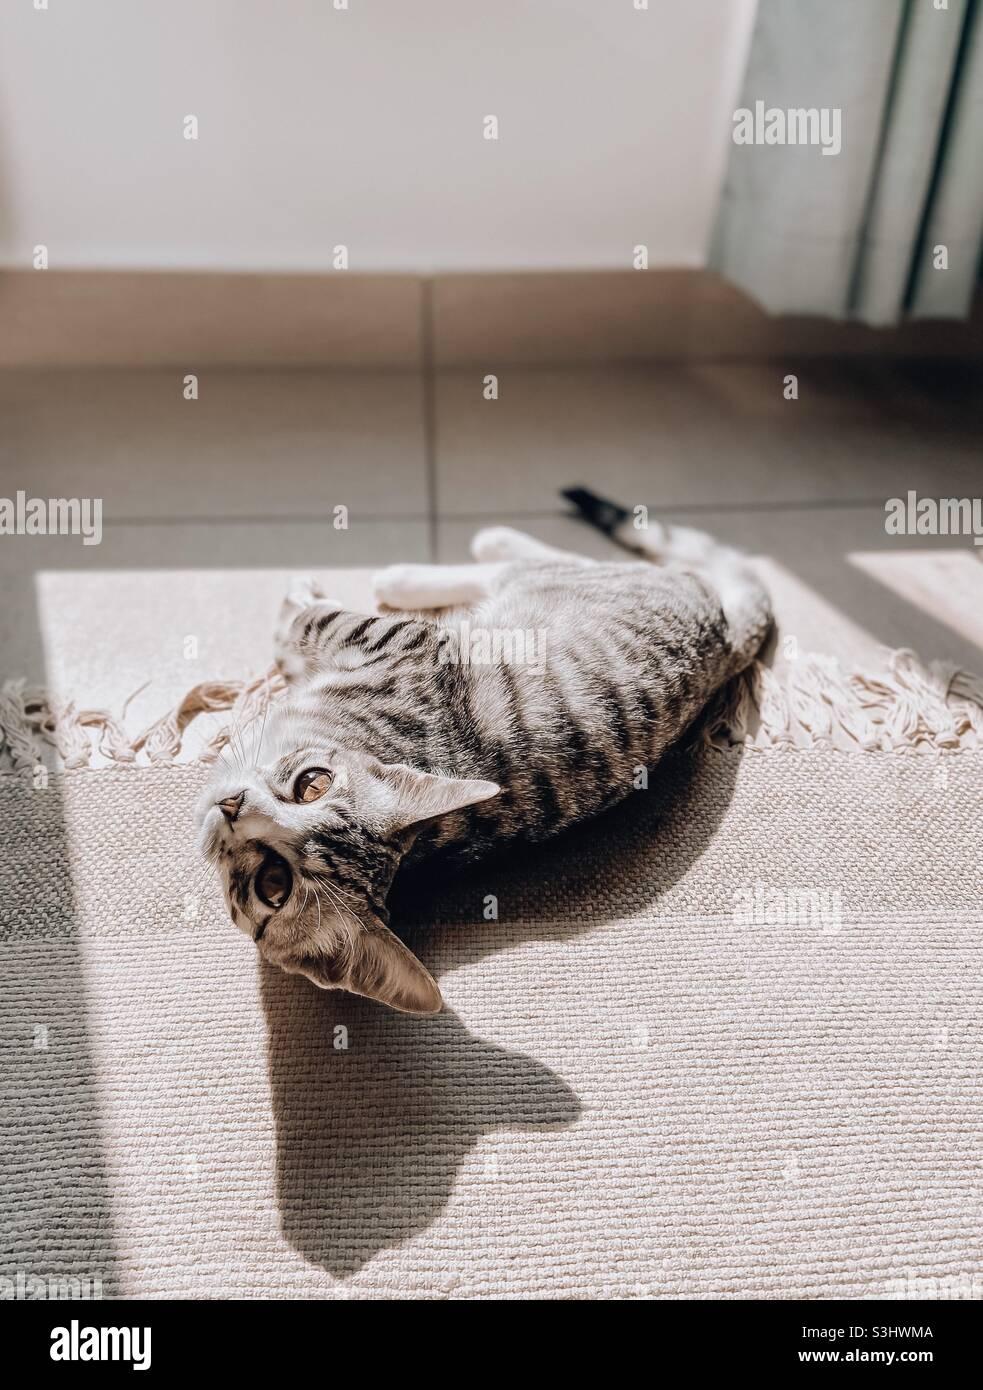 Katze, die auf einem Teppich in der Sonne liegt und einen Schatten erzeugt Stockfoto